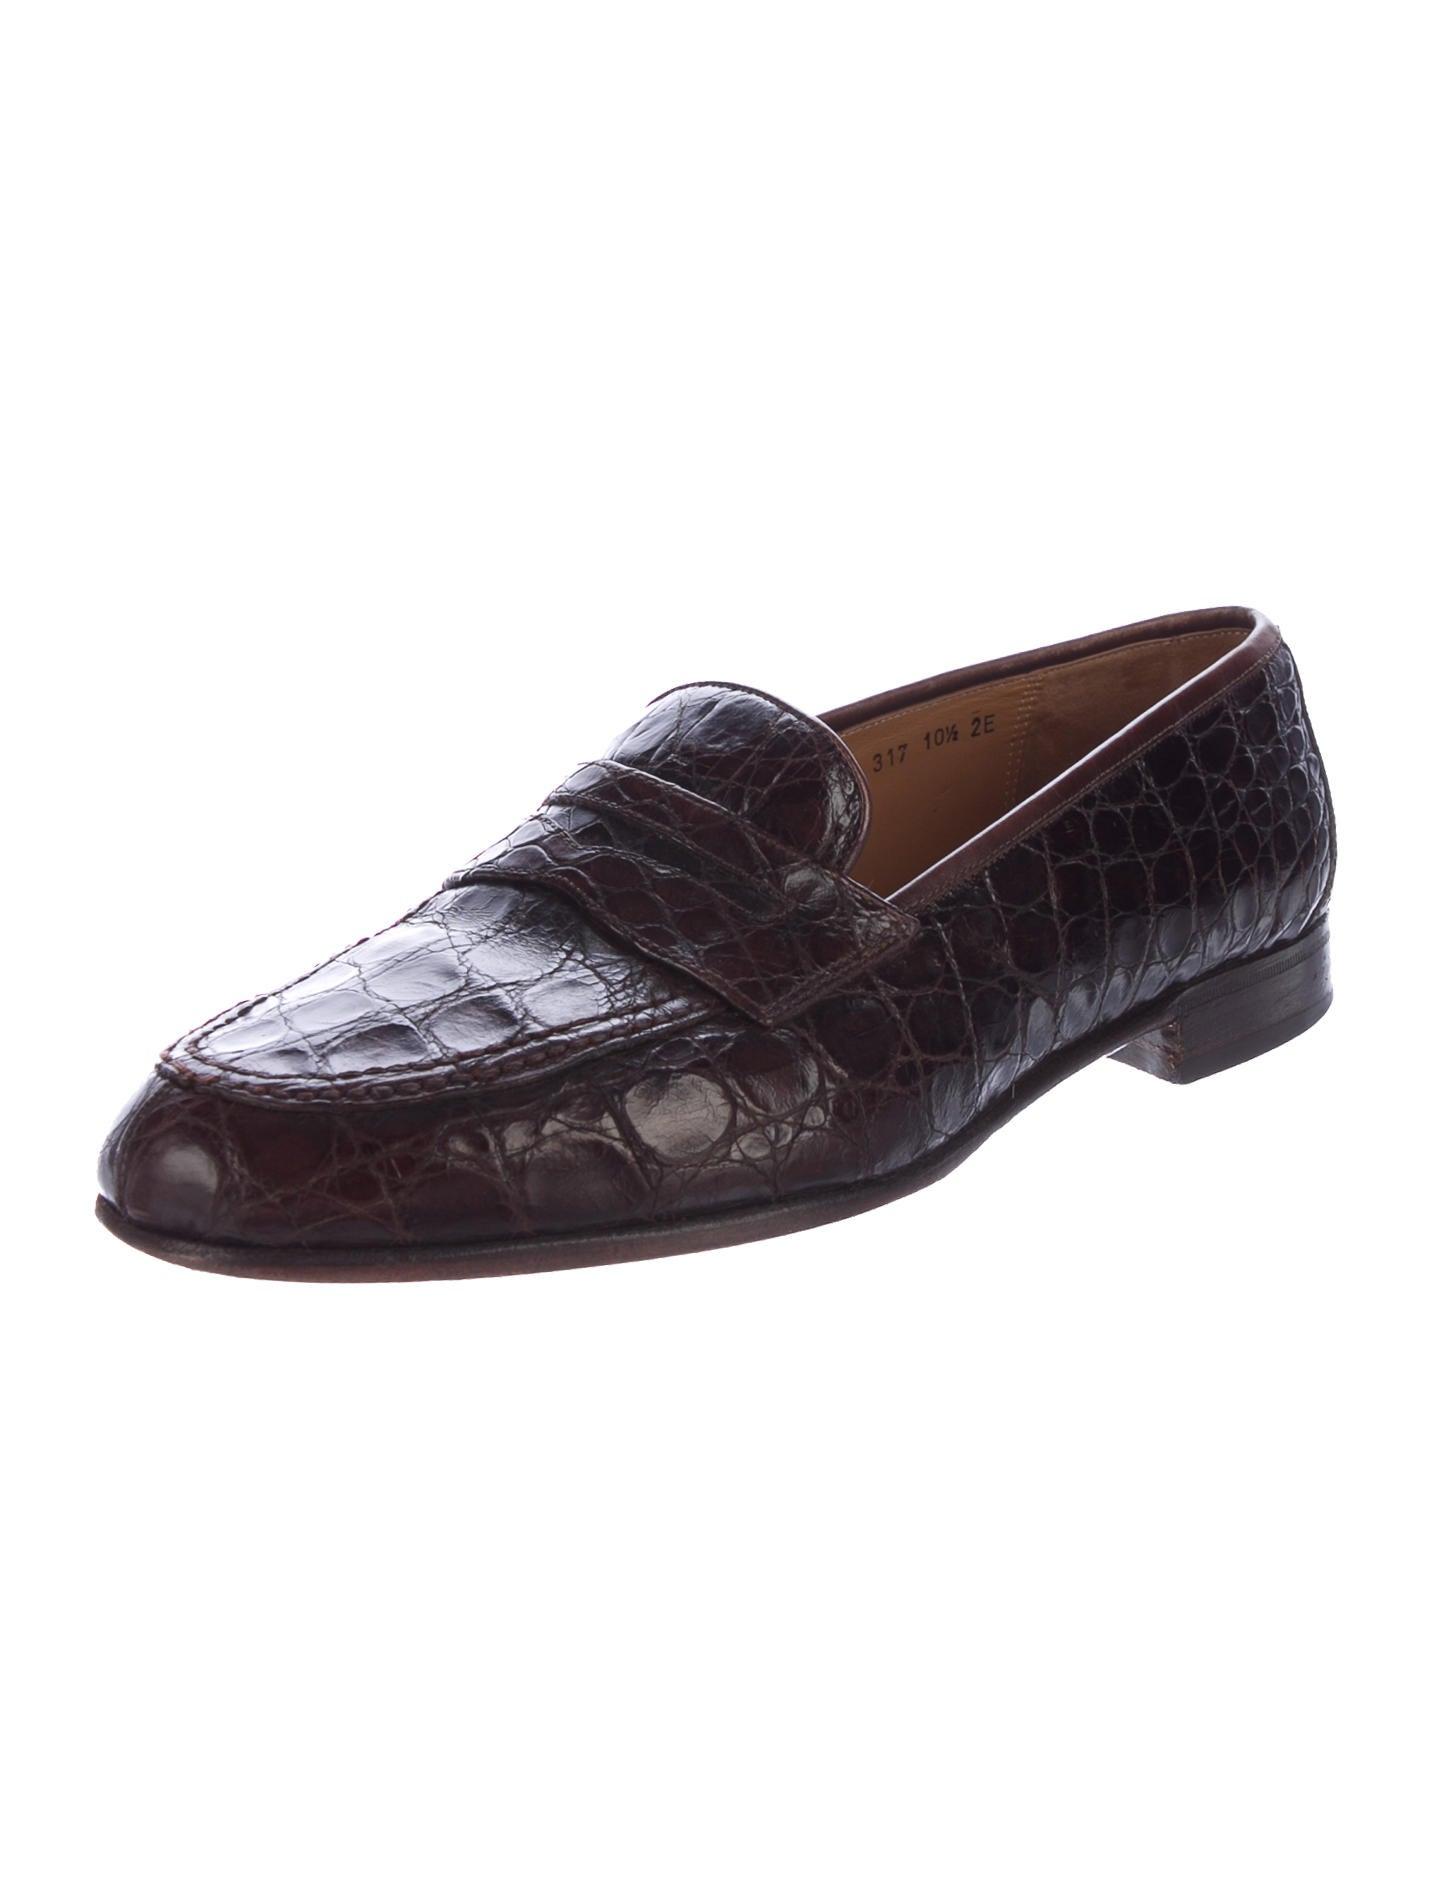 salvatore ferragamo crocodile dress loafers shoes